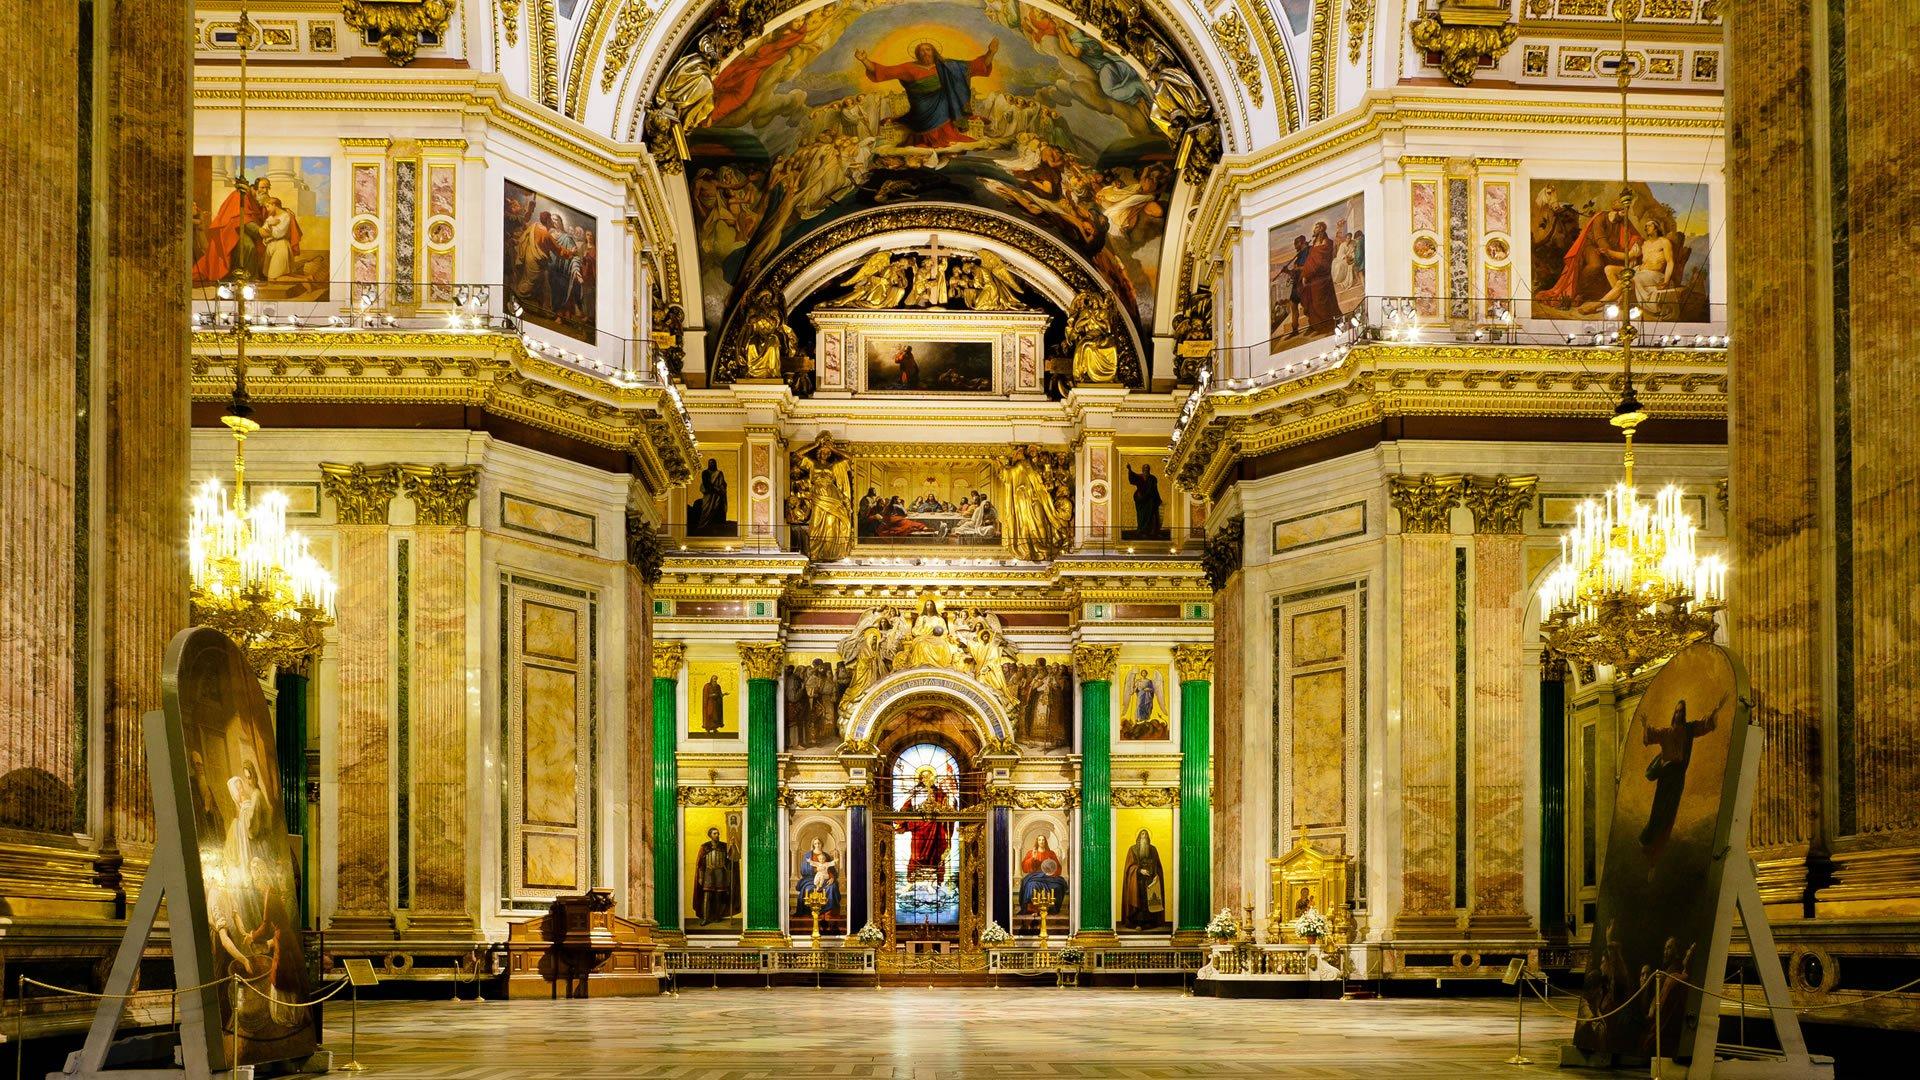 Buckingham Palace Facts Catedral De San Isaac San Petersburgo Rusia